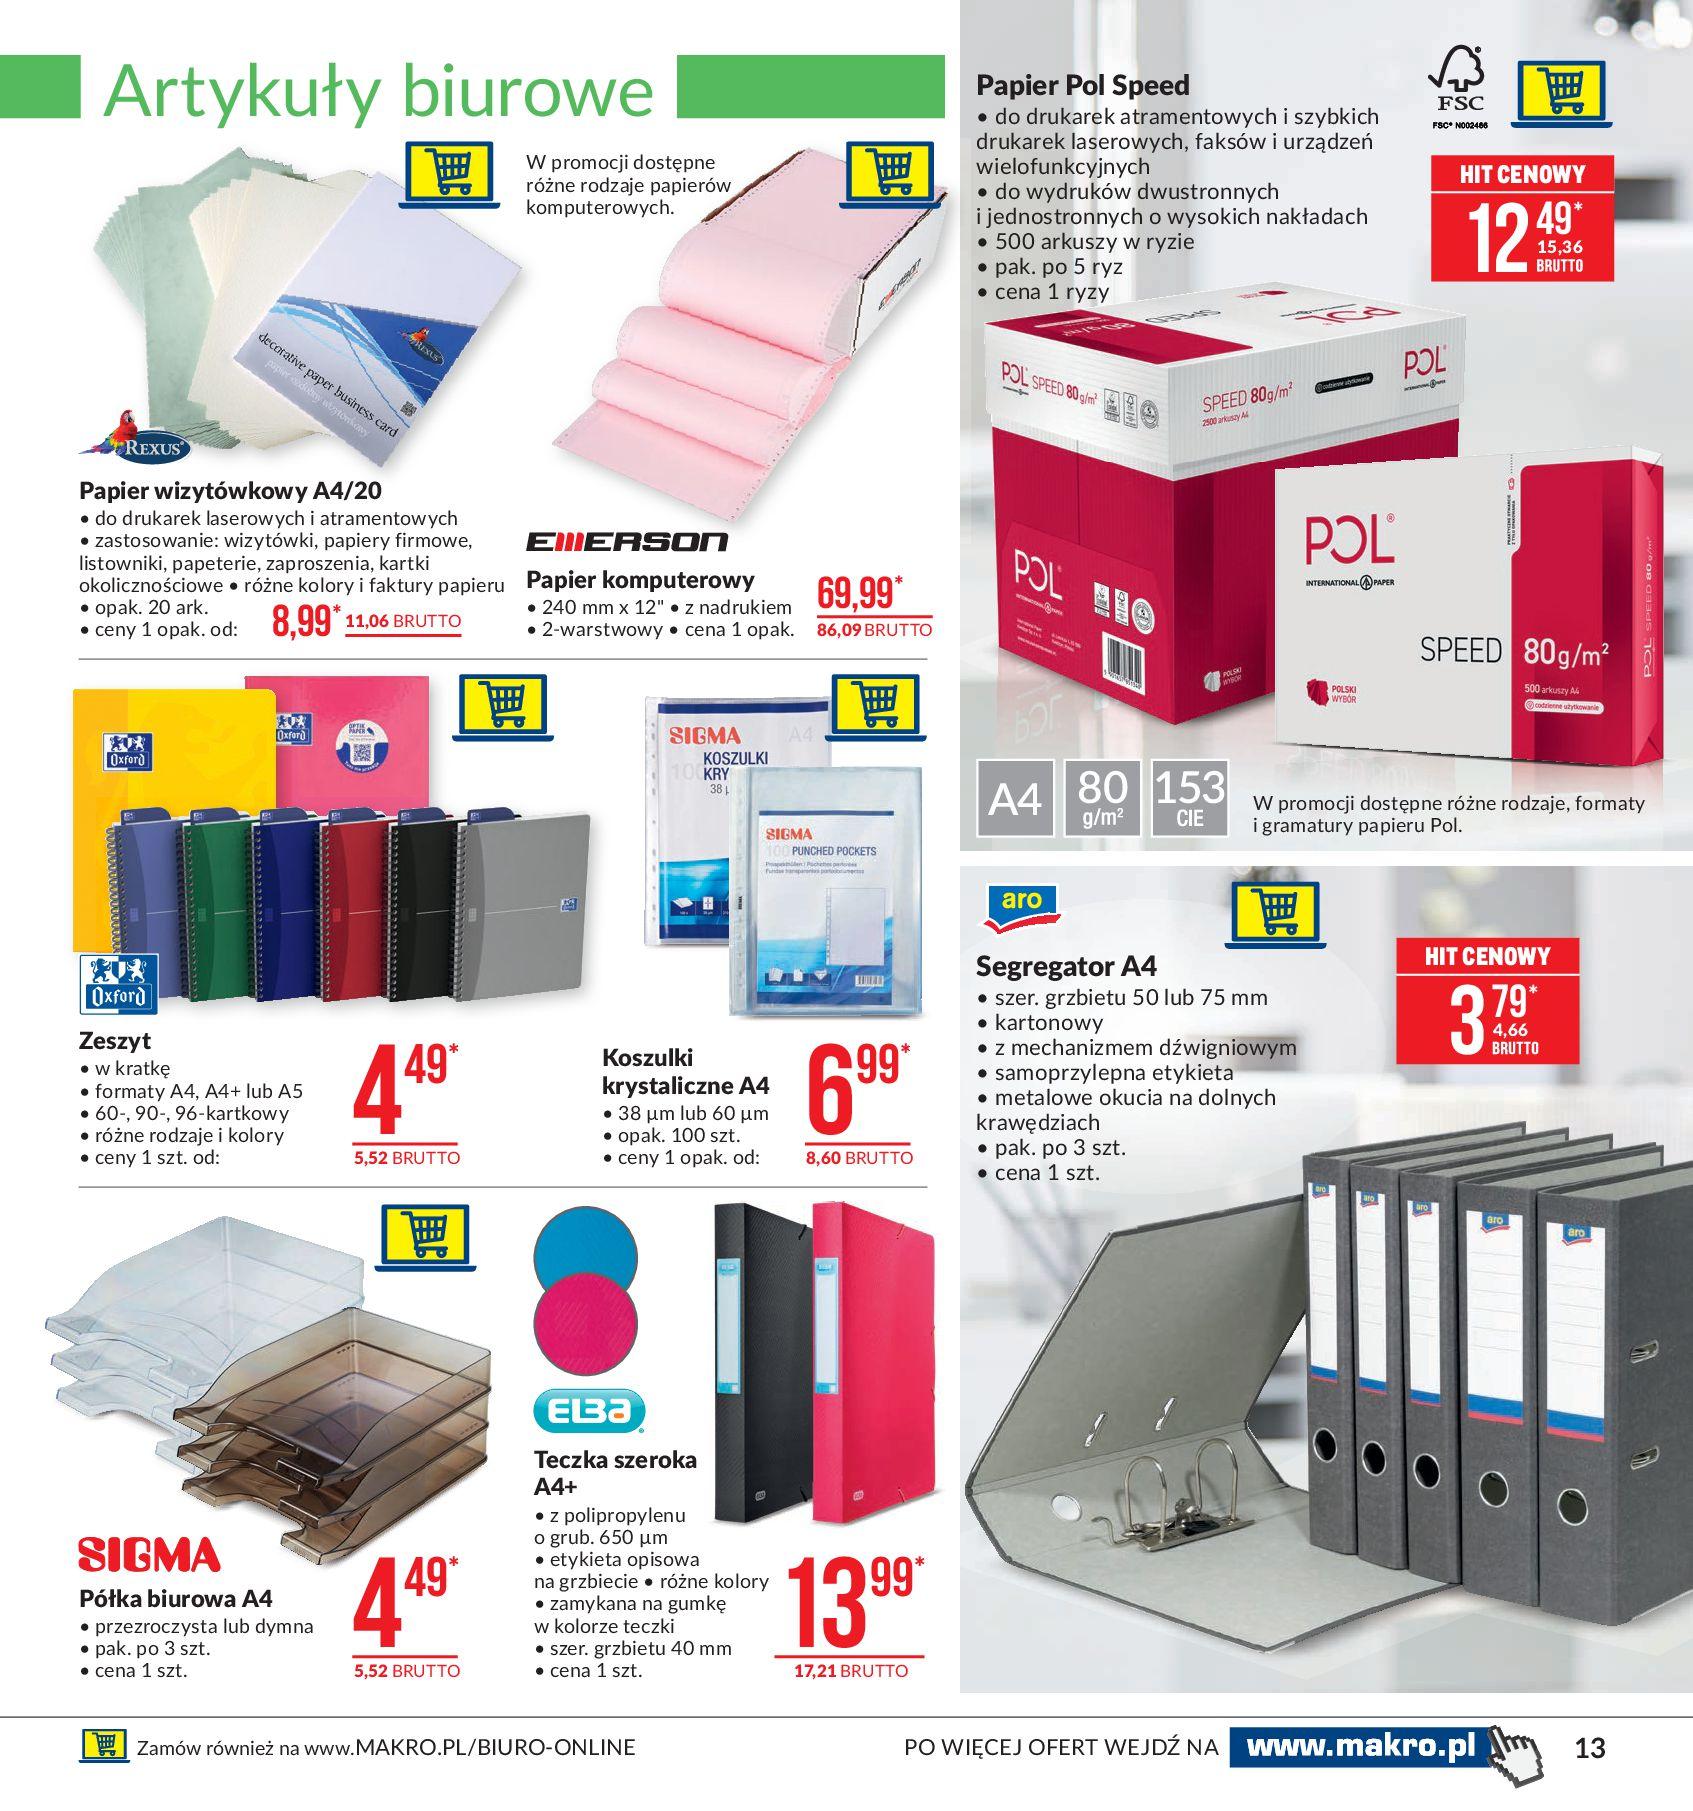 Gazetka Makro - Artykuły przemysłowe-10.02.2020-24.02.2020-page-13